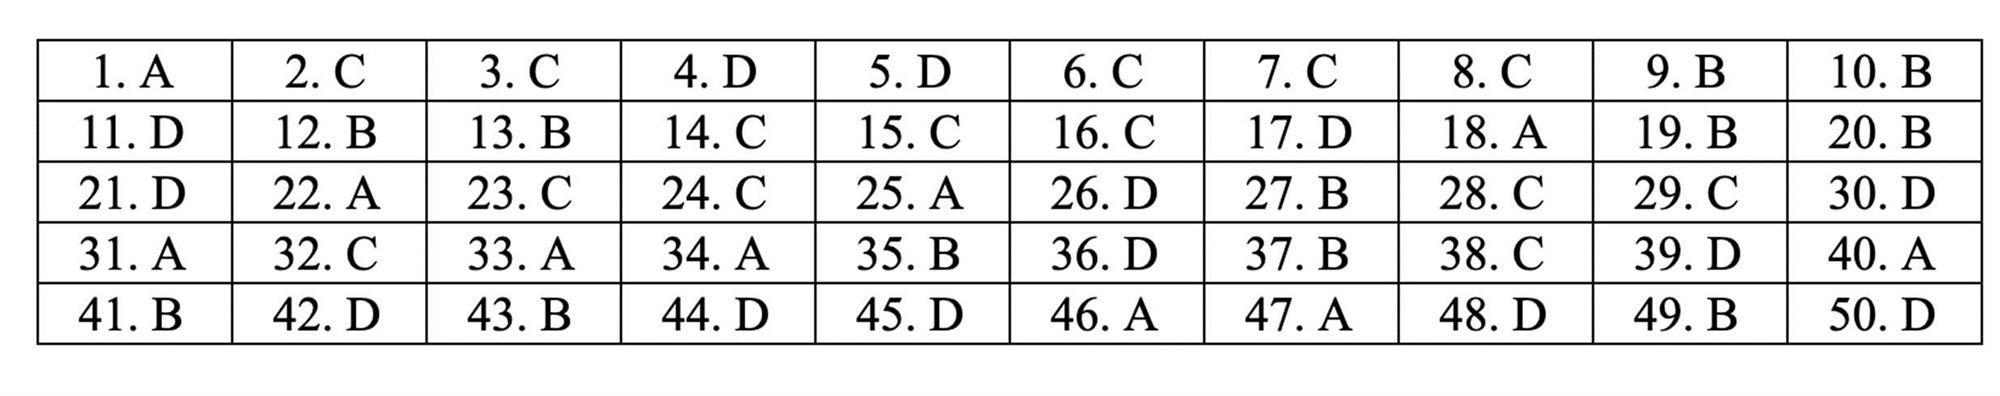 Đáp án tham khảo môn Toán thi THPT quốc gia 2019 tất cả mã đề-2